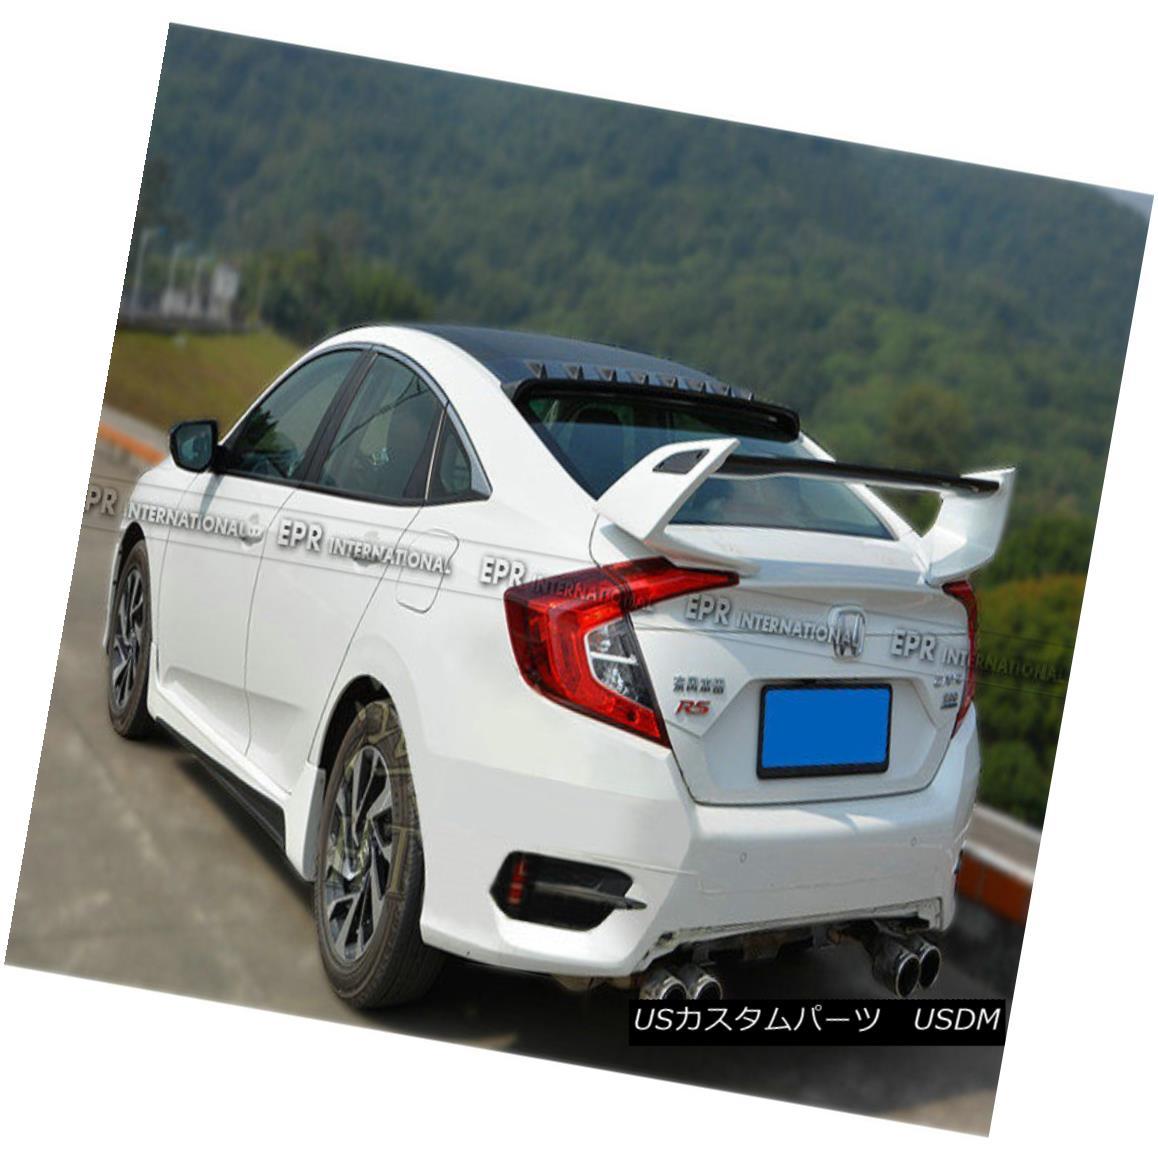 エアロパーツ AER Carbon + FRP Rear Spoiler Wing For Honda Civic FC 10th Generation TR-Style ホンダシビックFC第10世代TRスタイル用AERカーボン+ FRPリアスポイラーウイング